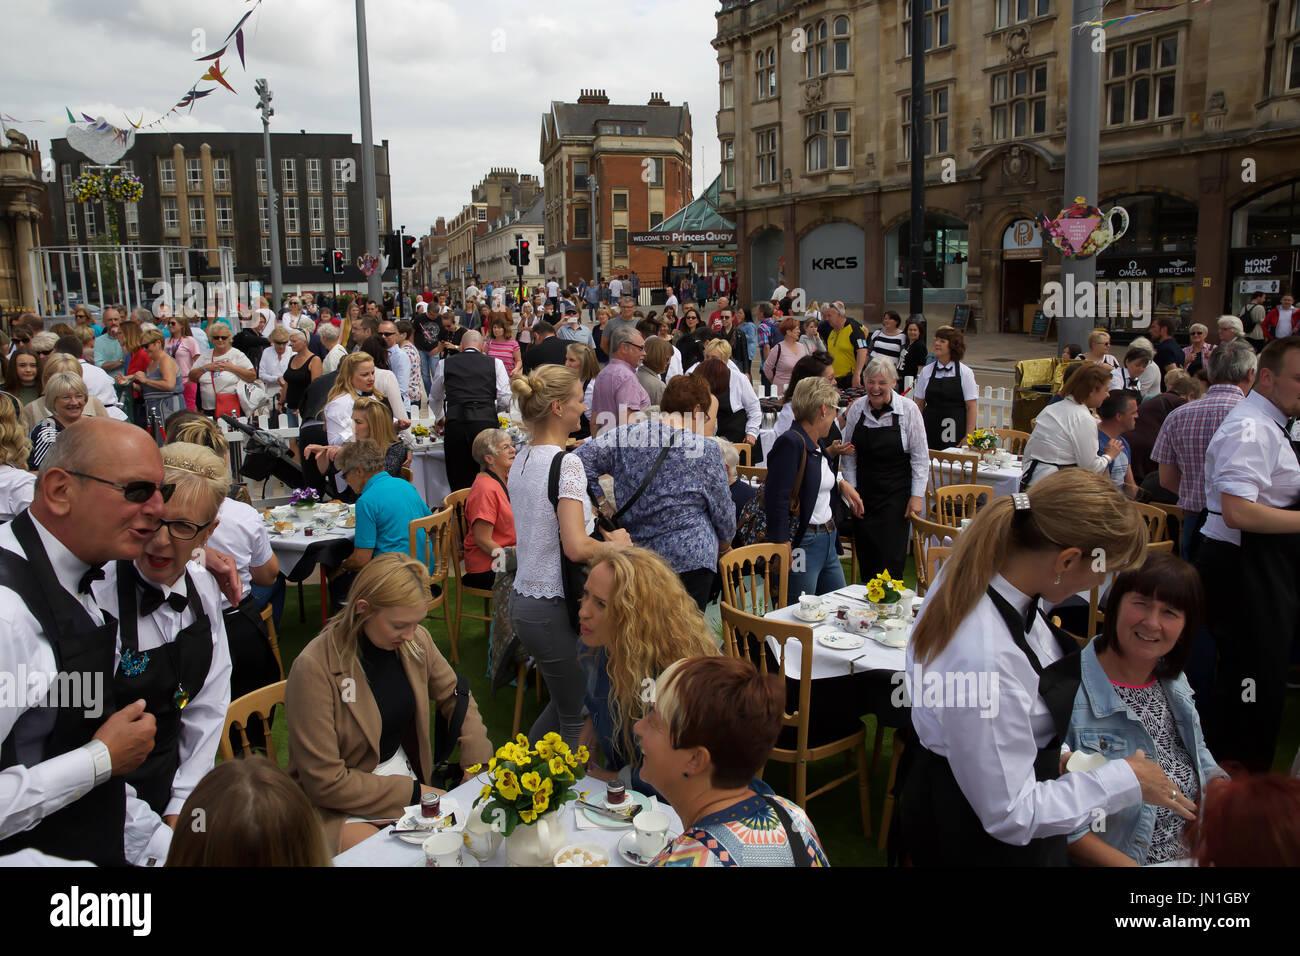 Hull,UK,29 juillet2017,UN Duckie Summer Tea Party a lieu dans le cadre de la Coque 50 LGBT. Amy MC Lamé et ses serveurs servir le thé pour les gens de Hull à l'extérieur de l'Hôtel de Ville. La musique a été fournie par Londres Gay Big Band©Keith Larby/Alamy Live News Banque D'Images